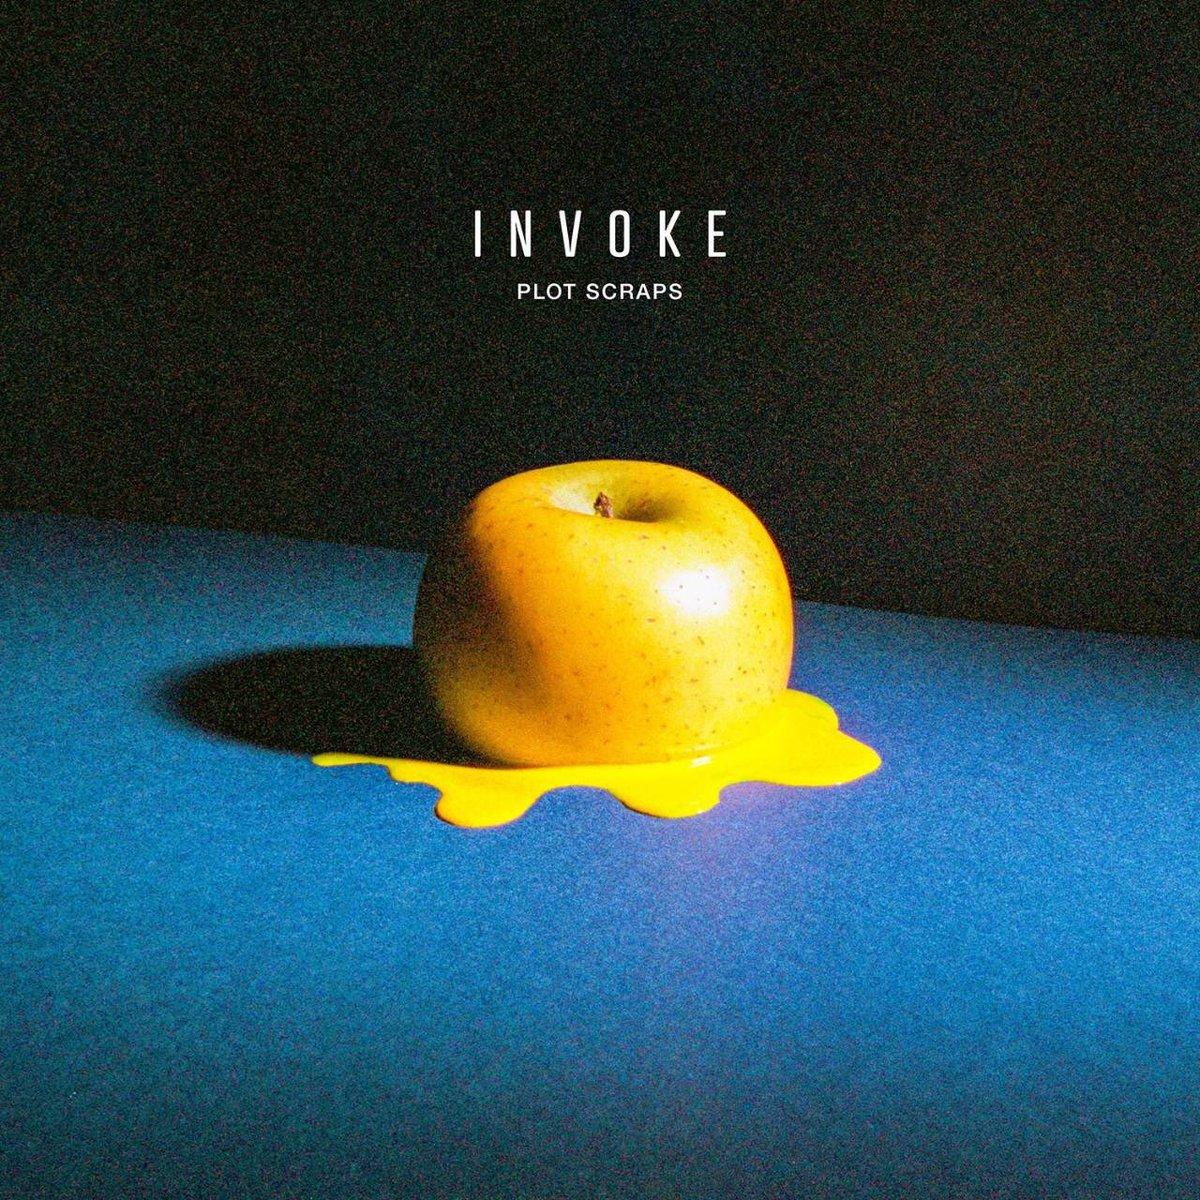 Plot Scraps - Invoke mini album